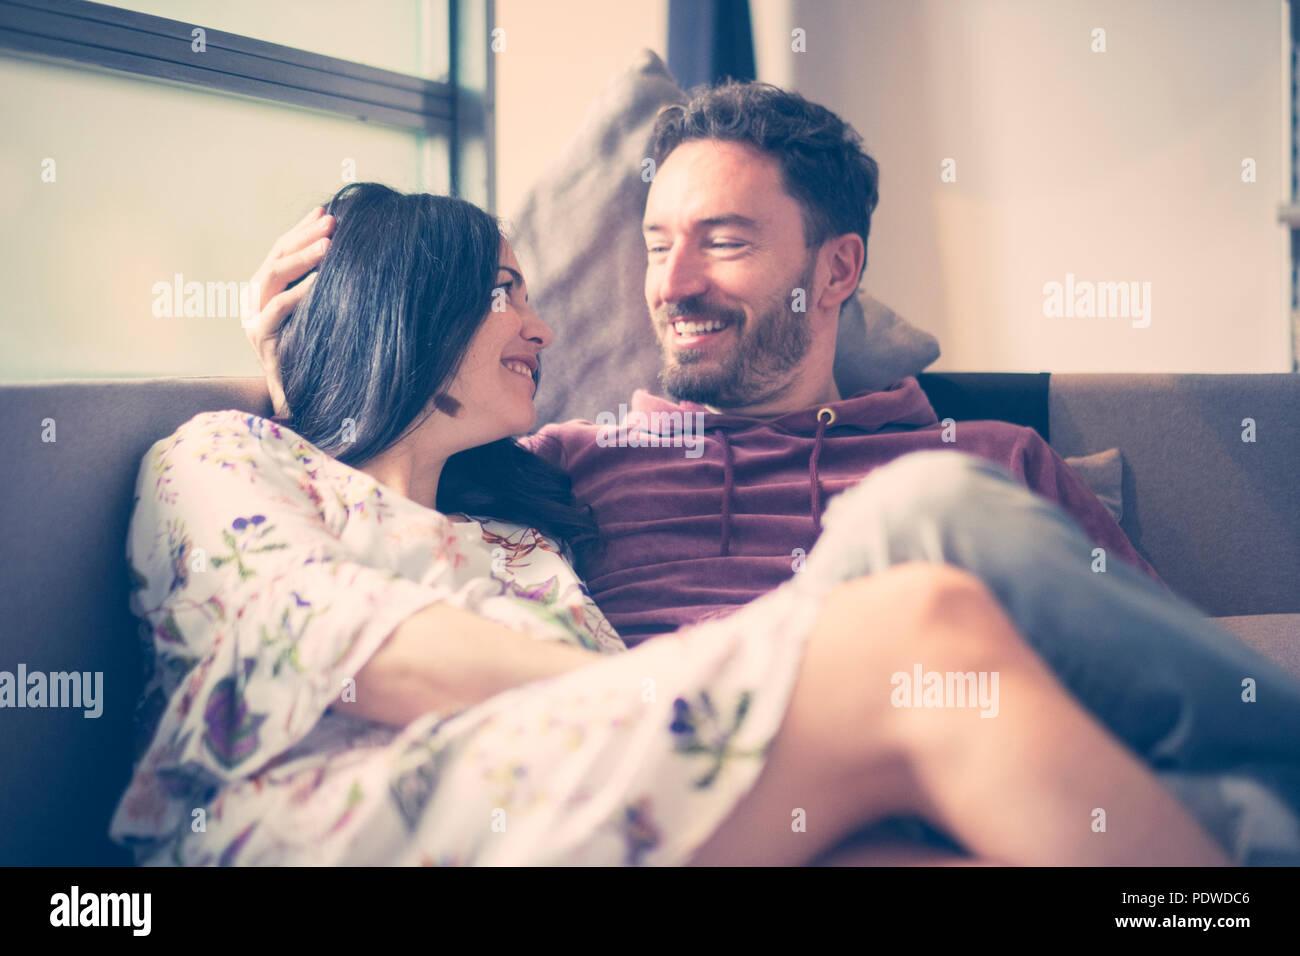 Wie flirten zwei frauen miteinander